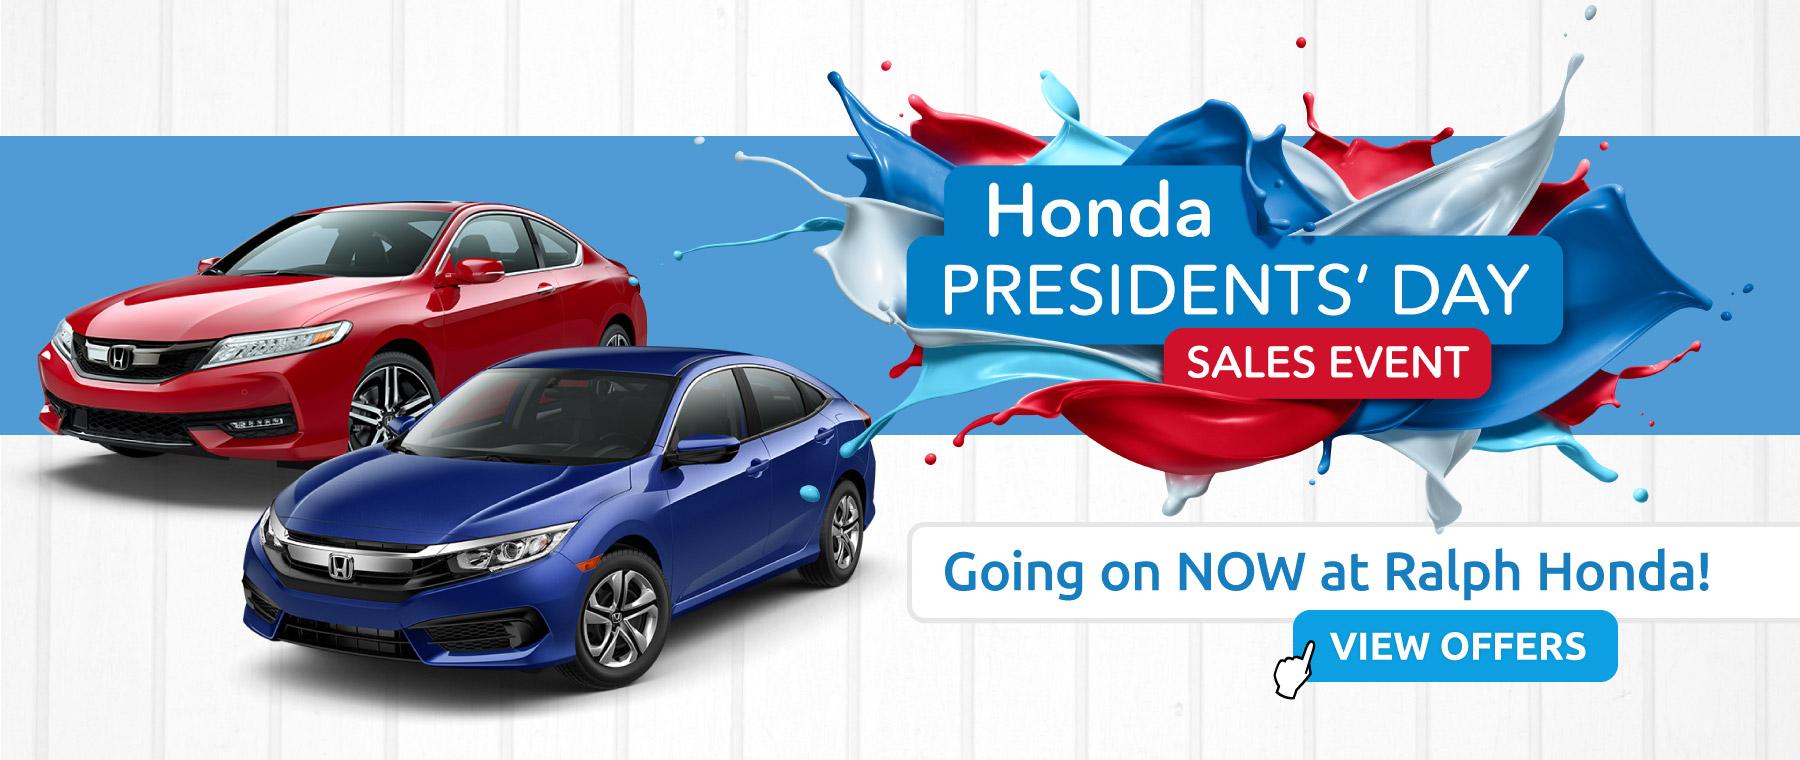 2017-02_HondaPresidentsDay